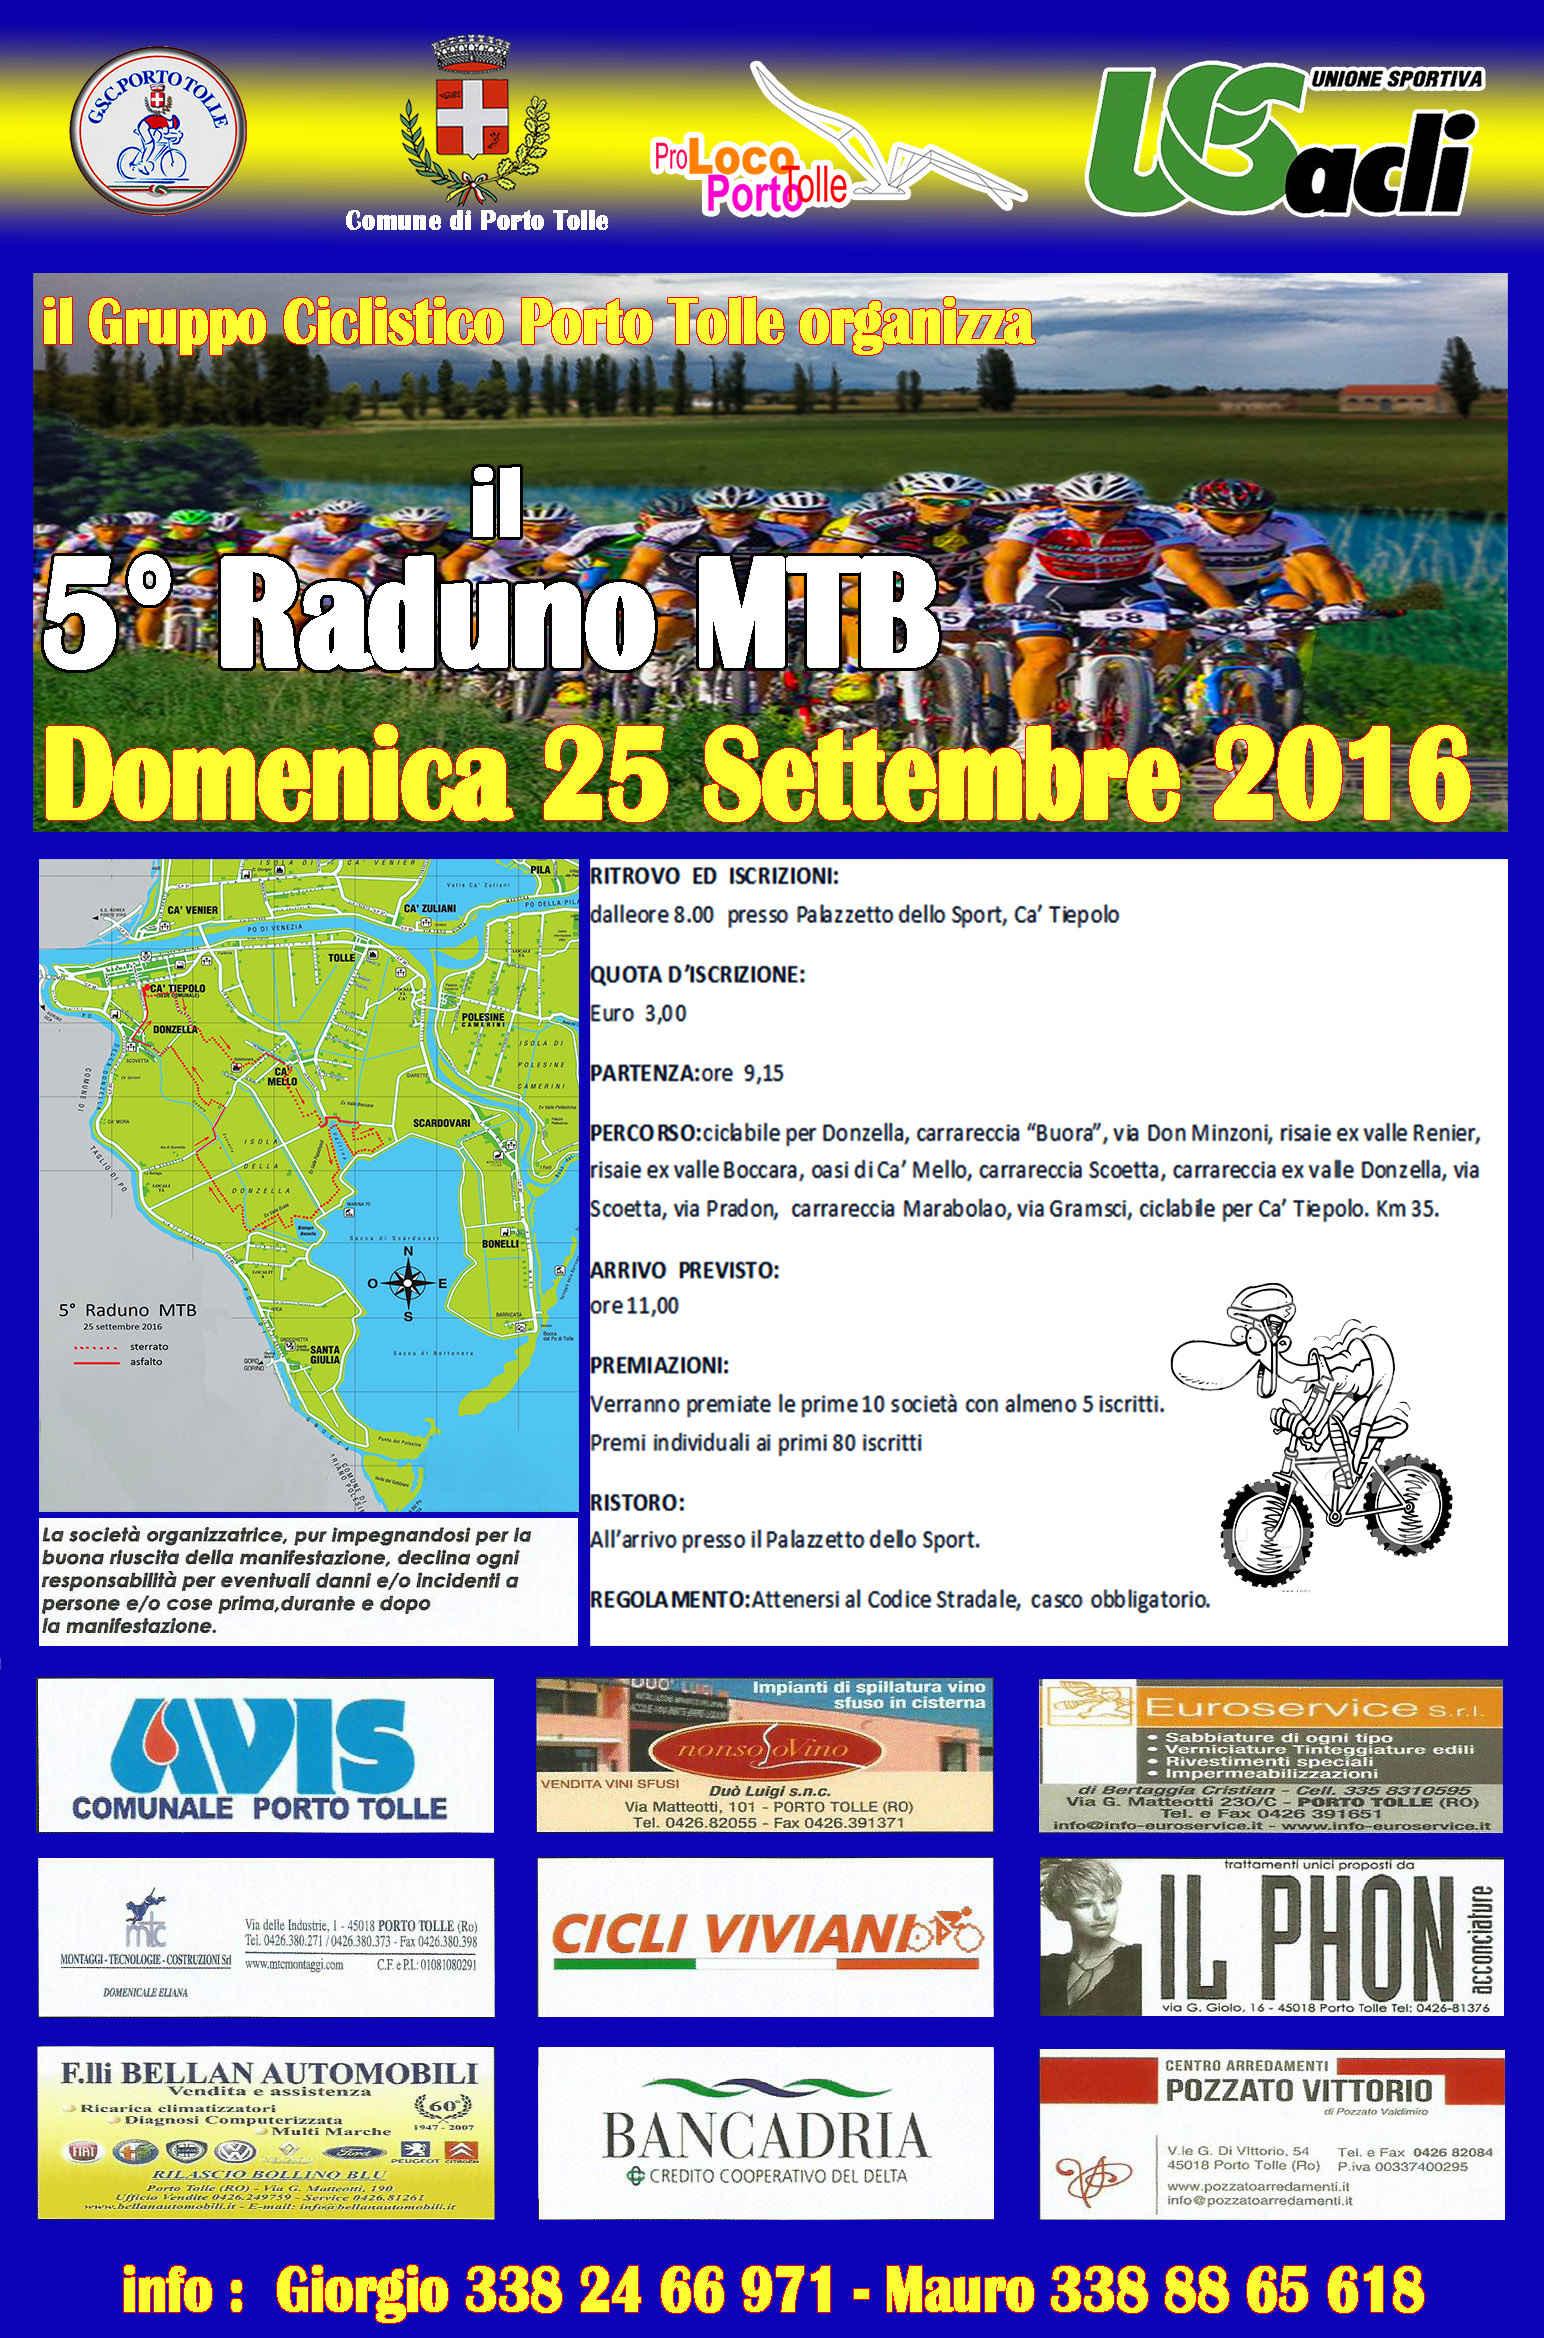 5° Raduno MTB organizzato da A.S.D. G.C. Porto Tolle - Domenica 25 settembre 2016